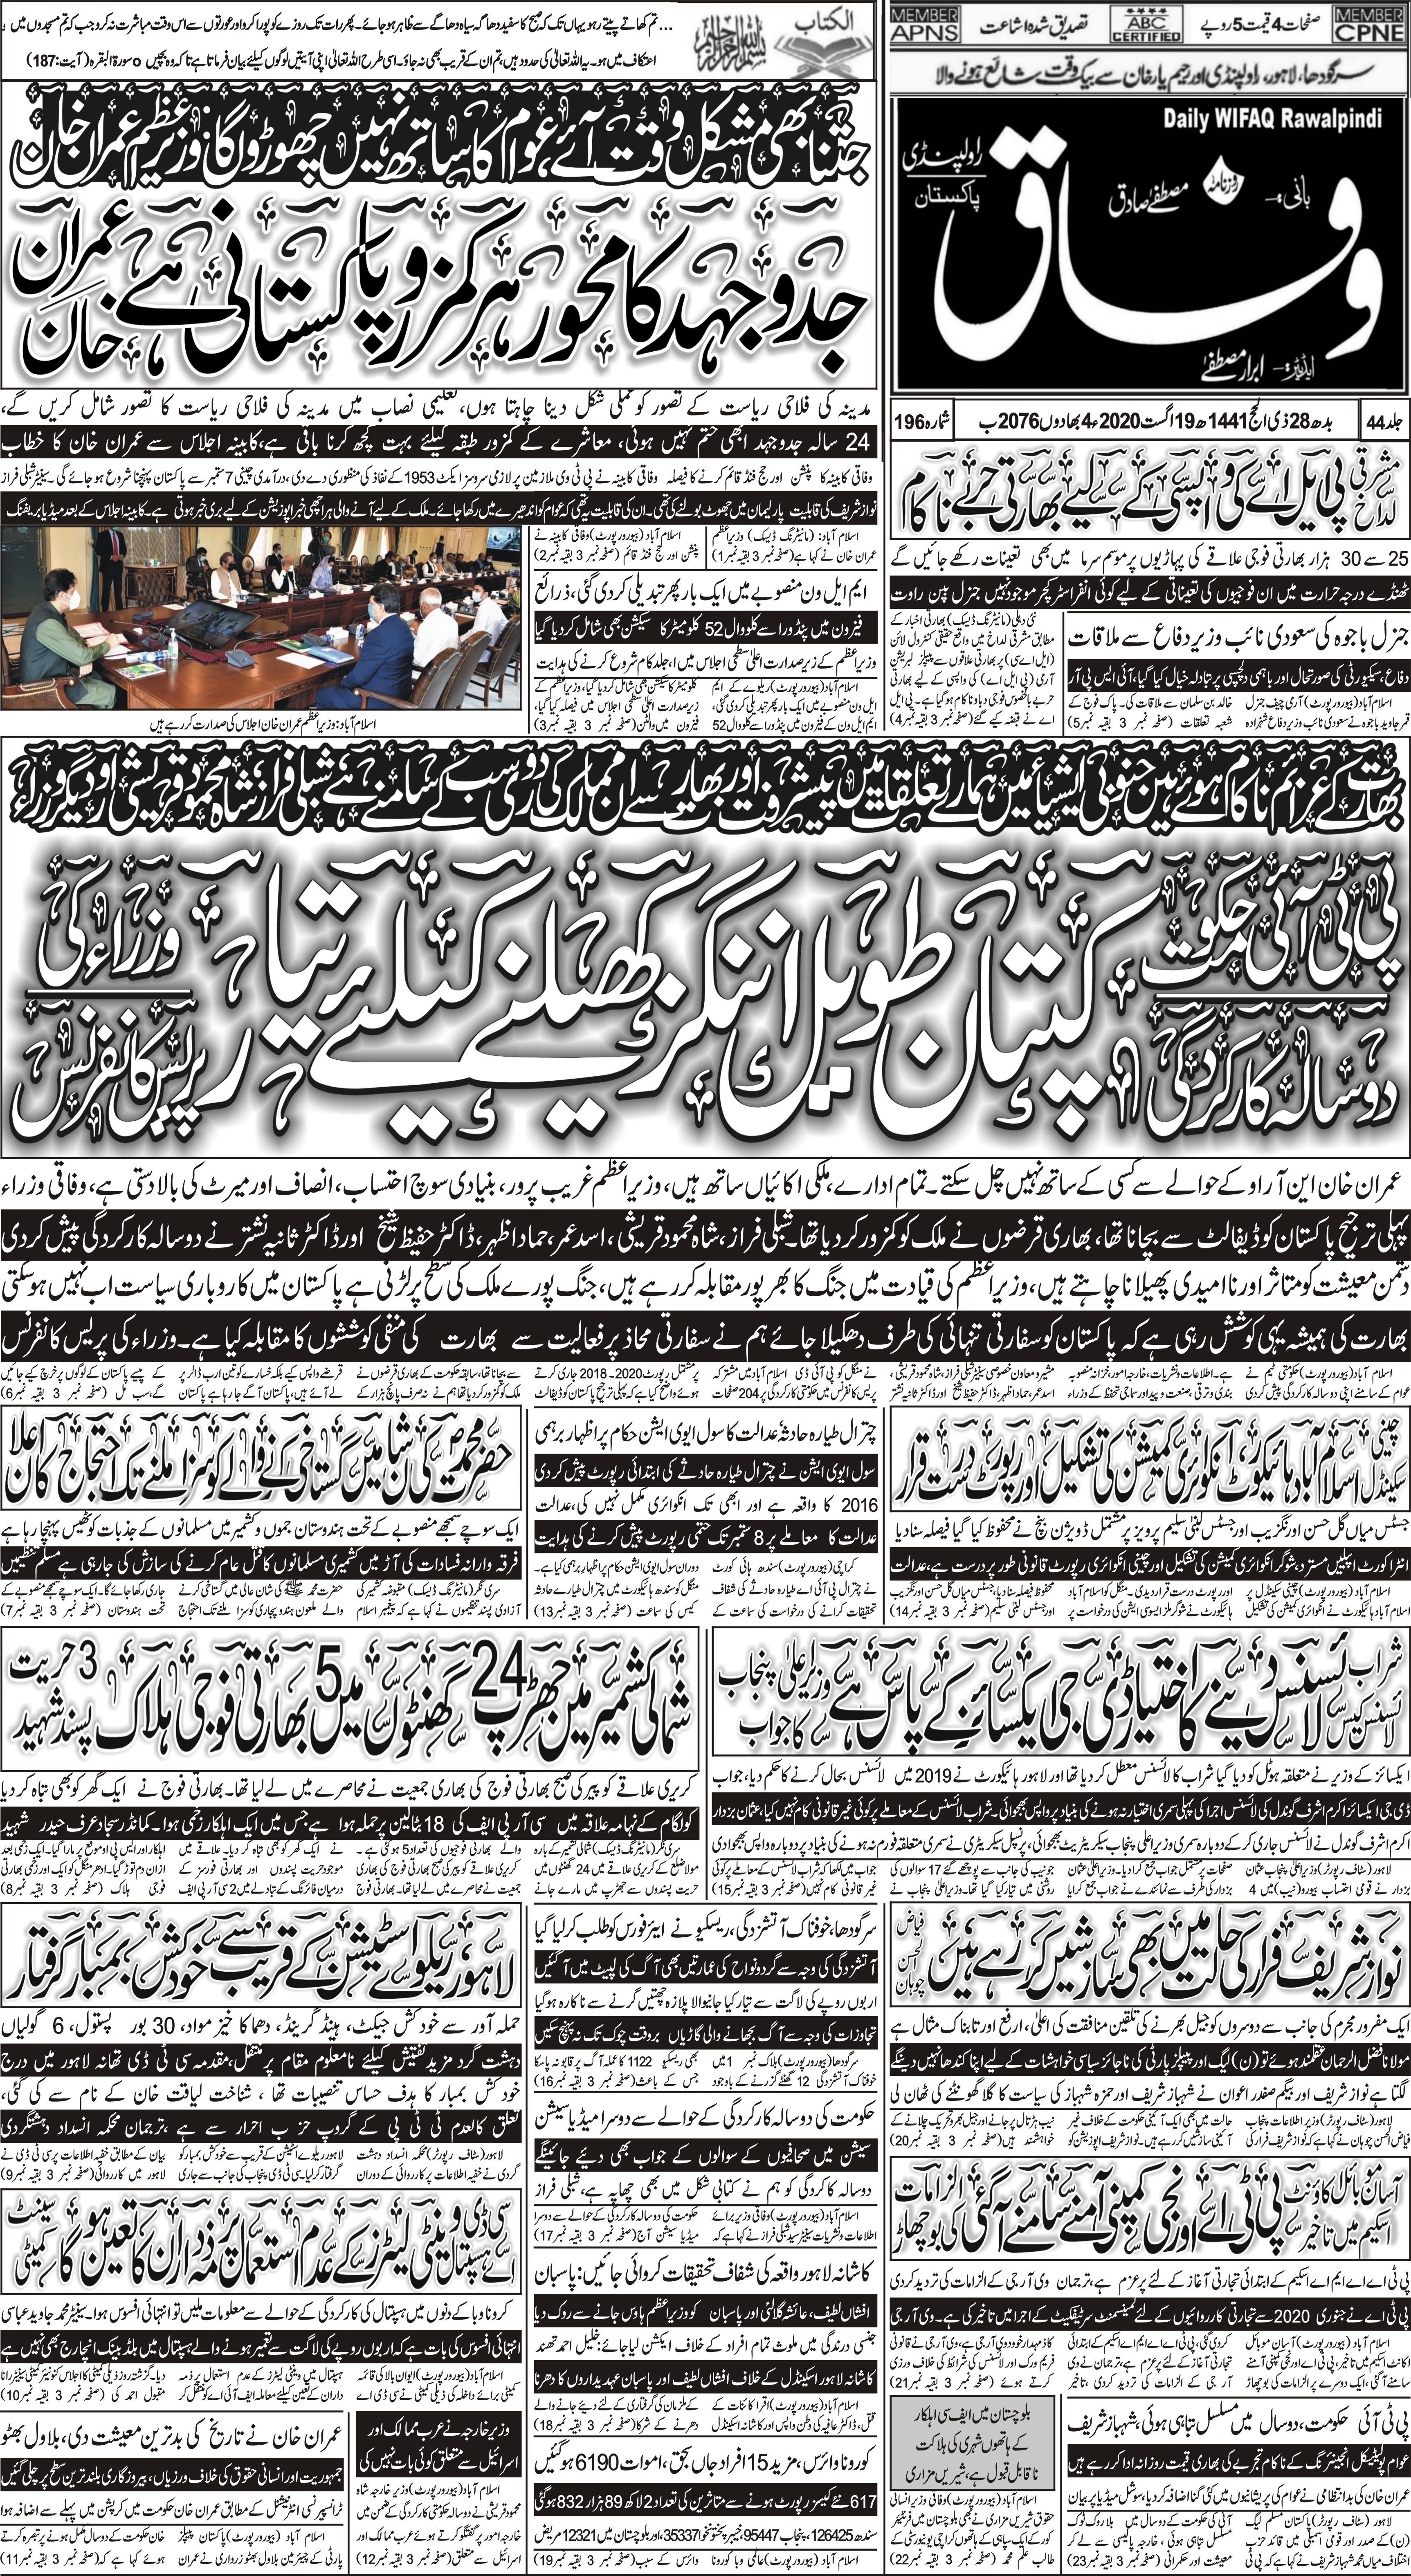 e-Paper – Daily Wifaq – Rawalpindi – 19-08-2020